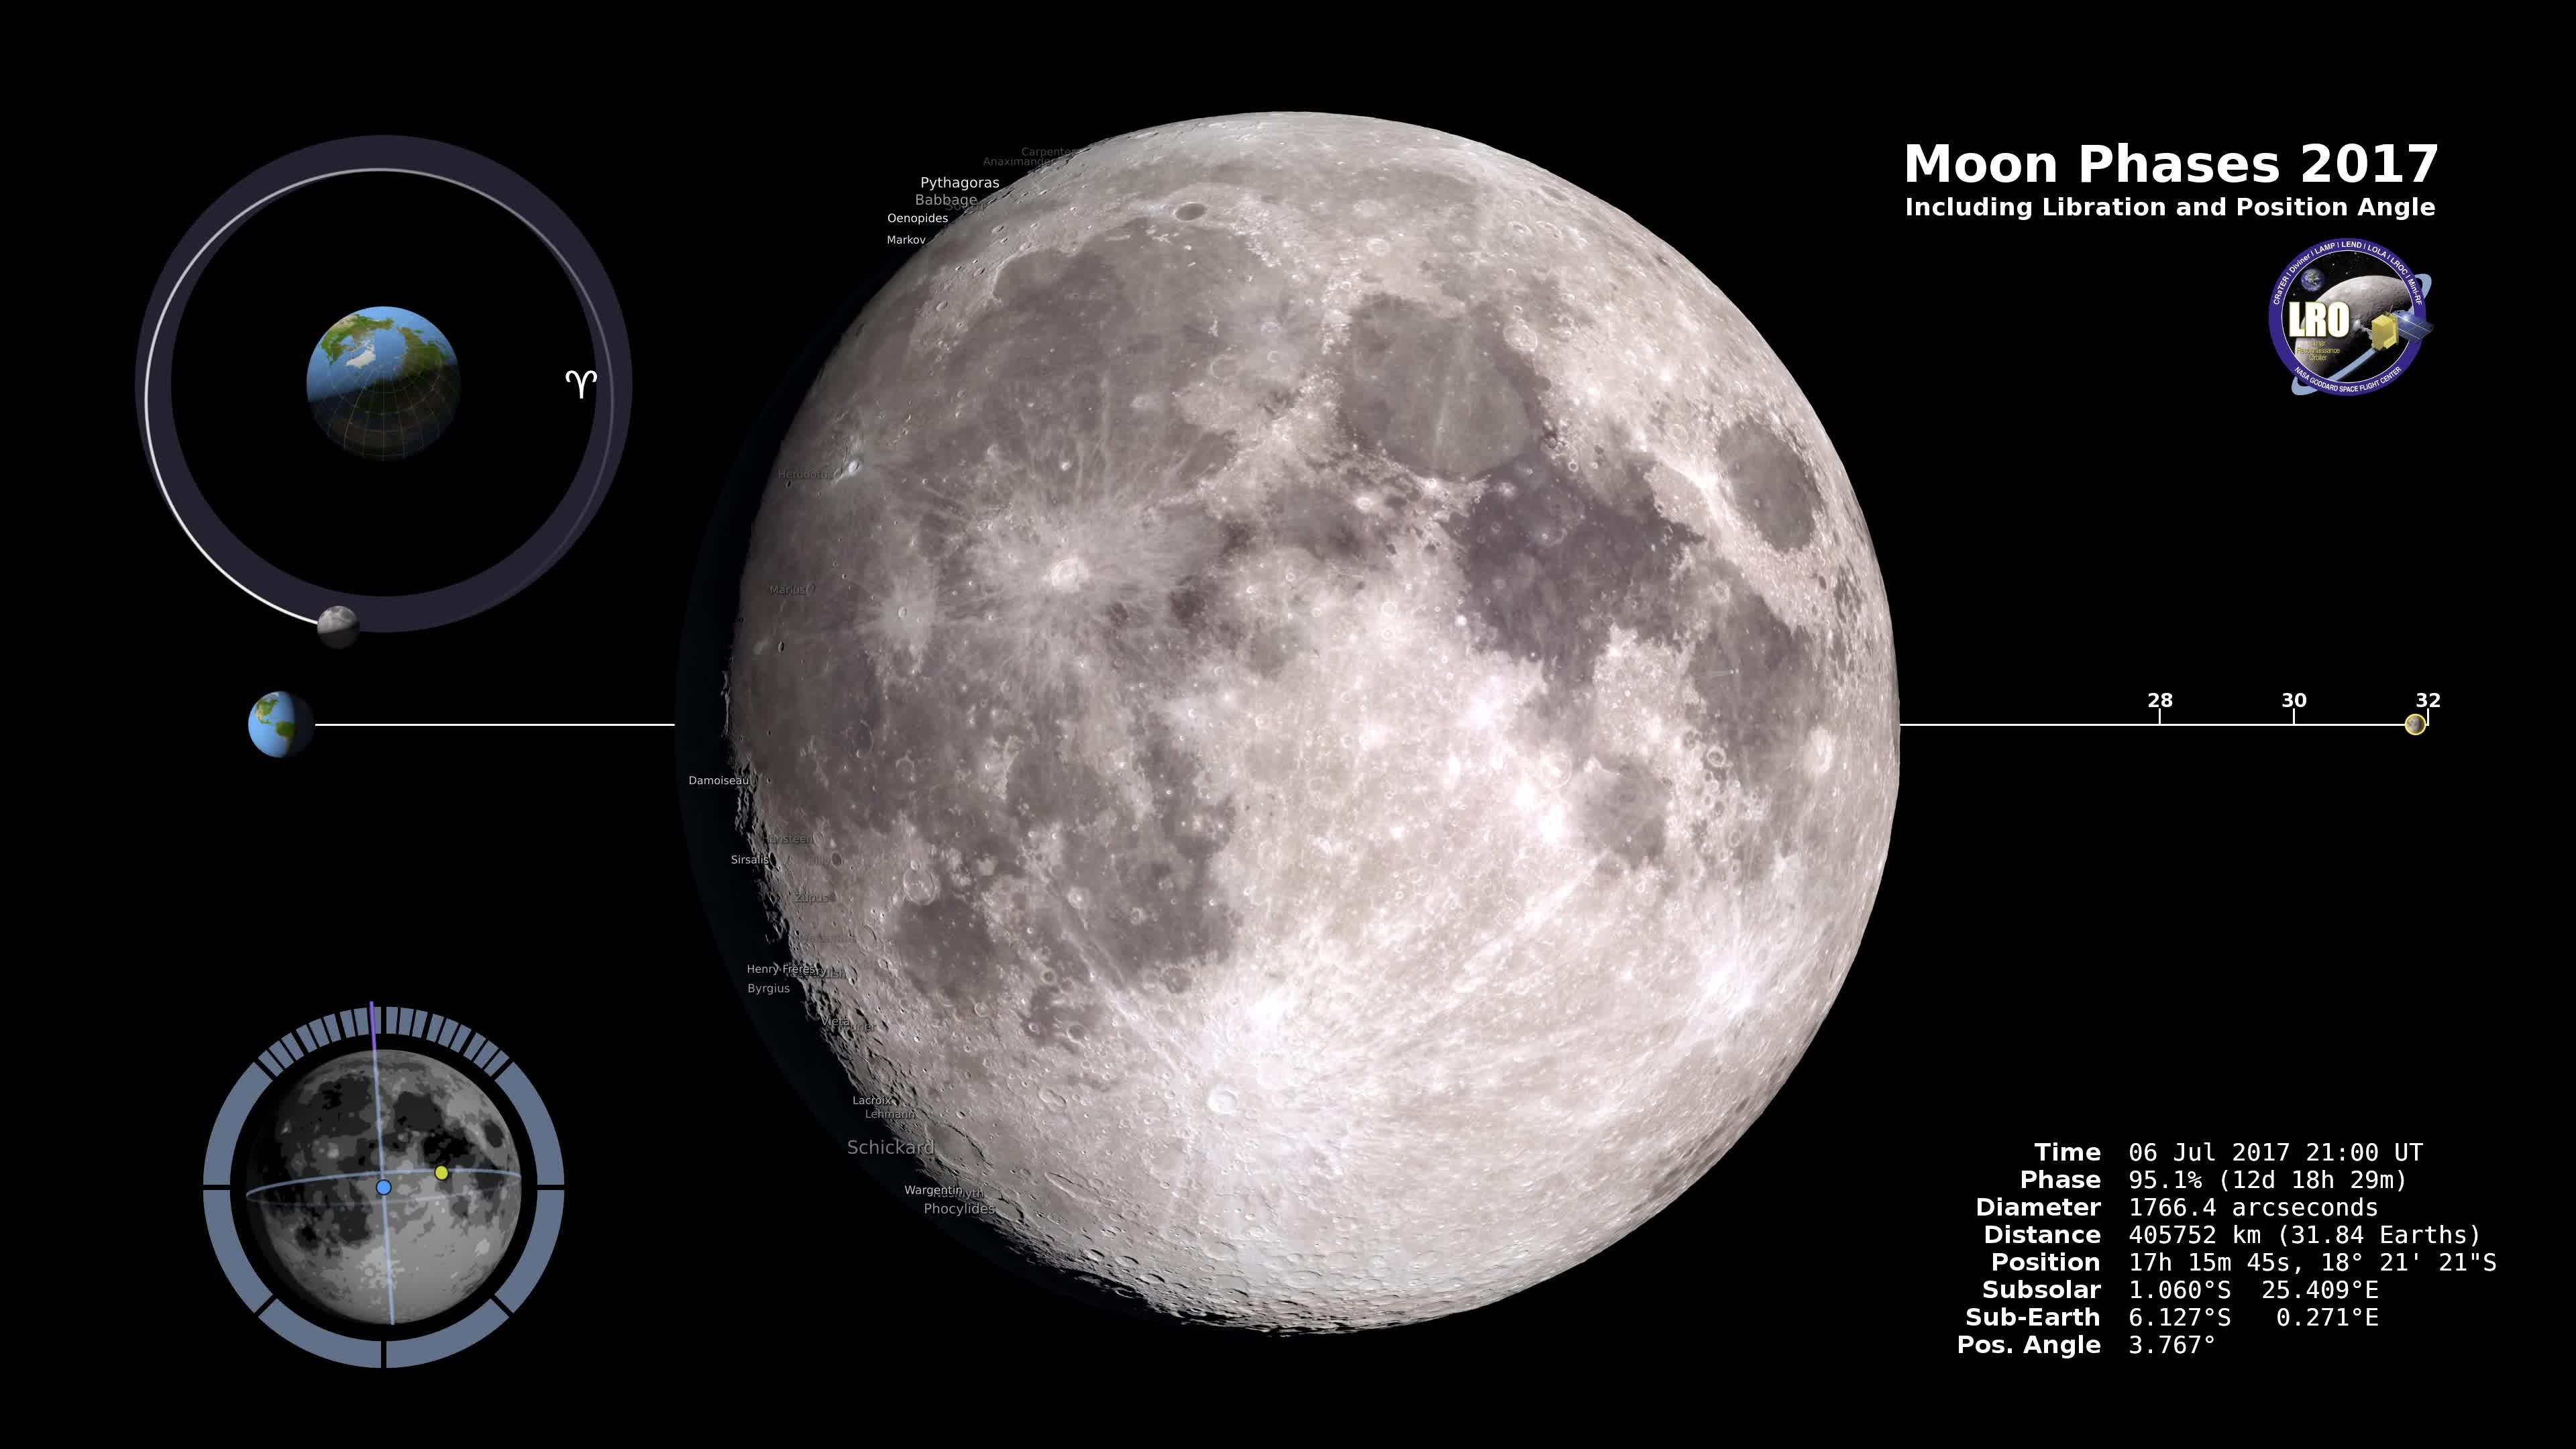 2017 nasa moon phase today - photo #7